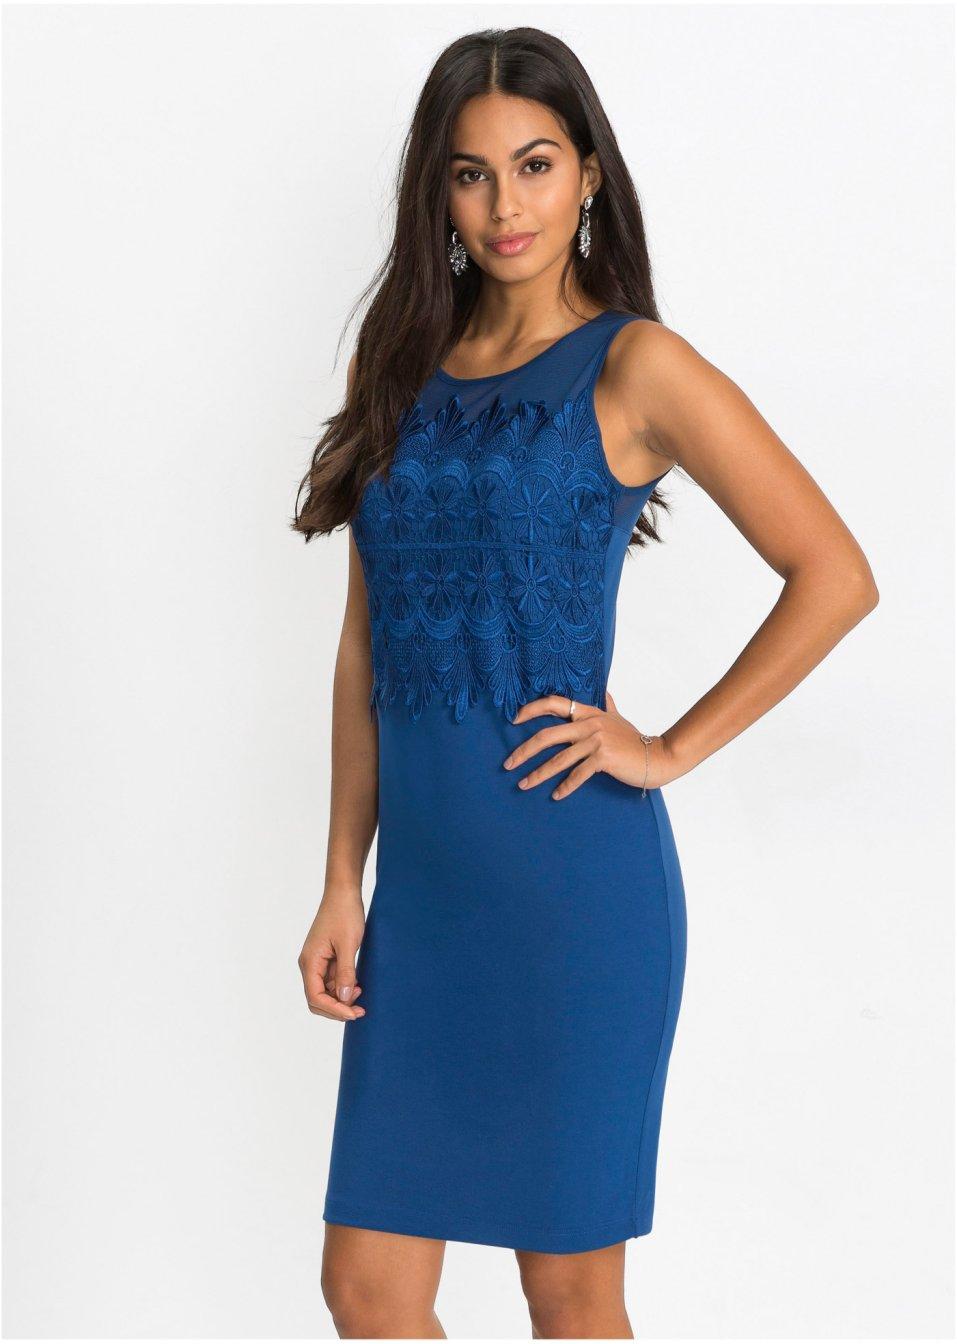 Kleid mit Spitze enzianblau - BODYFLIRT online kaufen ...